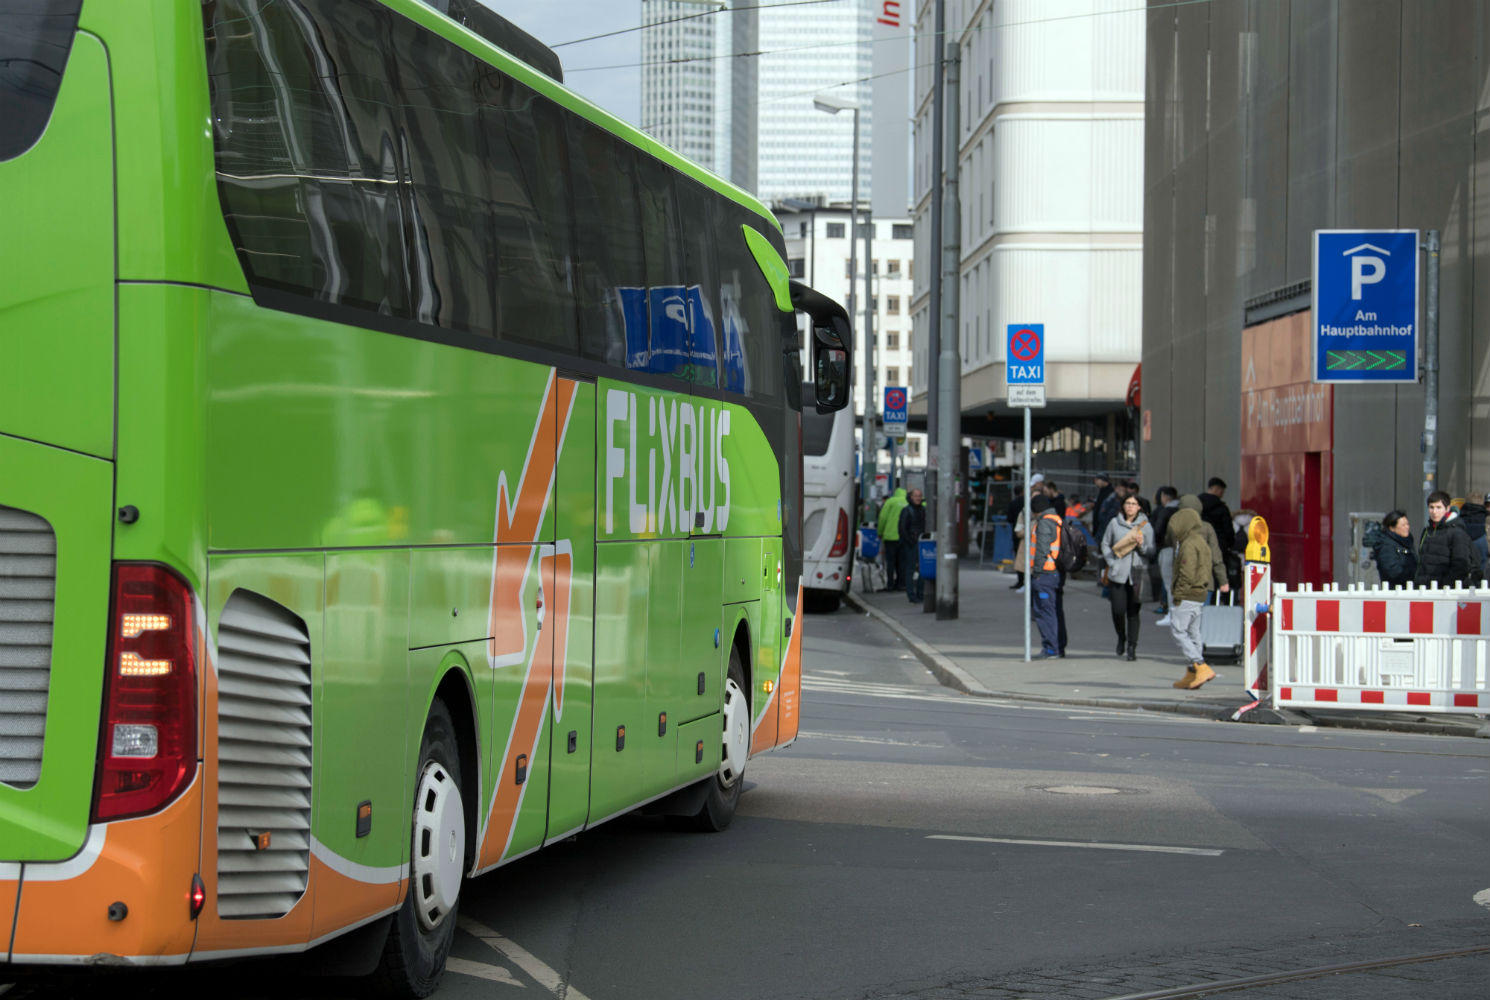 Γερμανία: Οδηγός της Flixbus έβλεπε ταινία στο κινητό ενώ οδηγούσε!